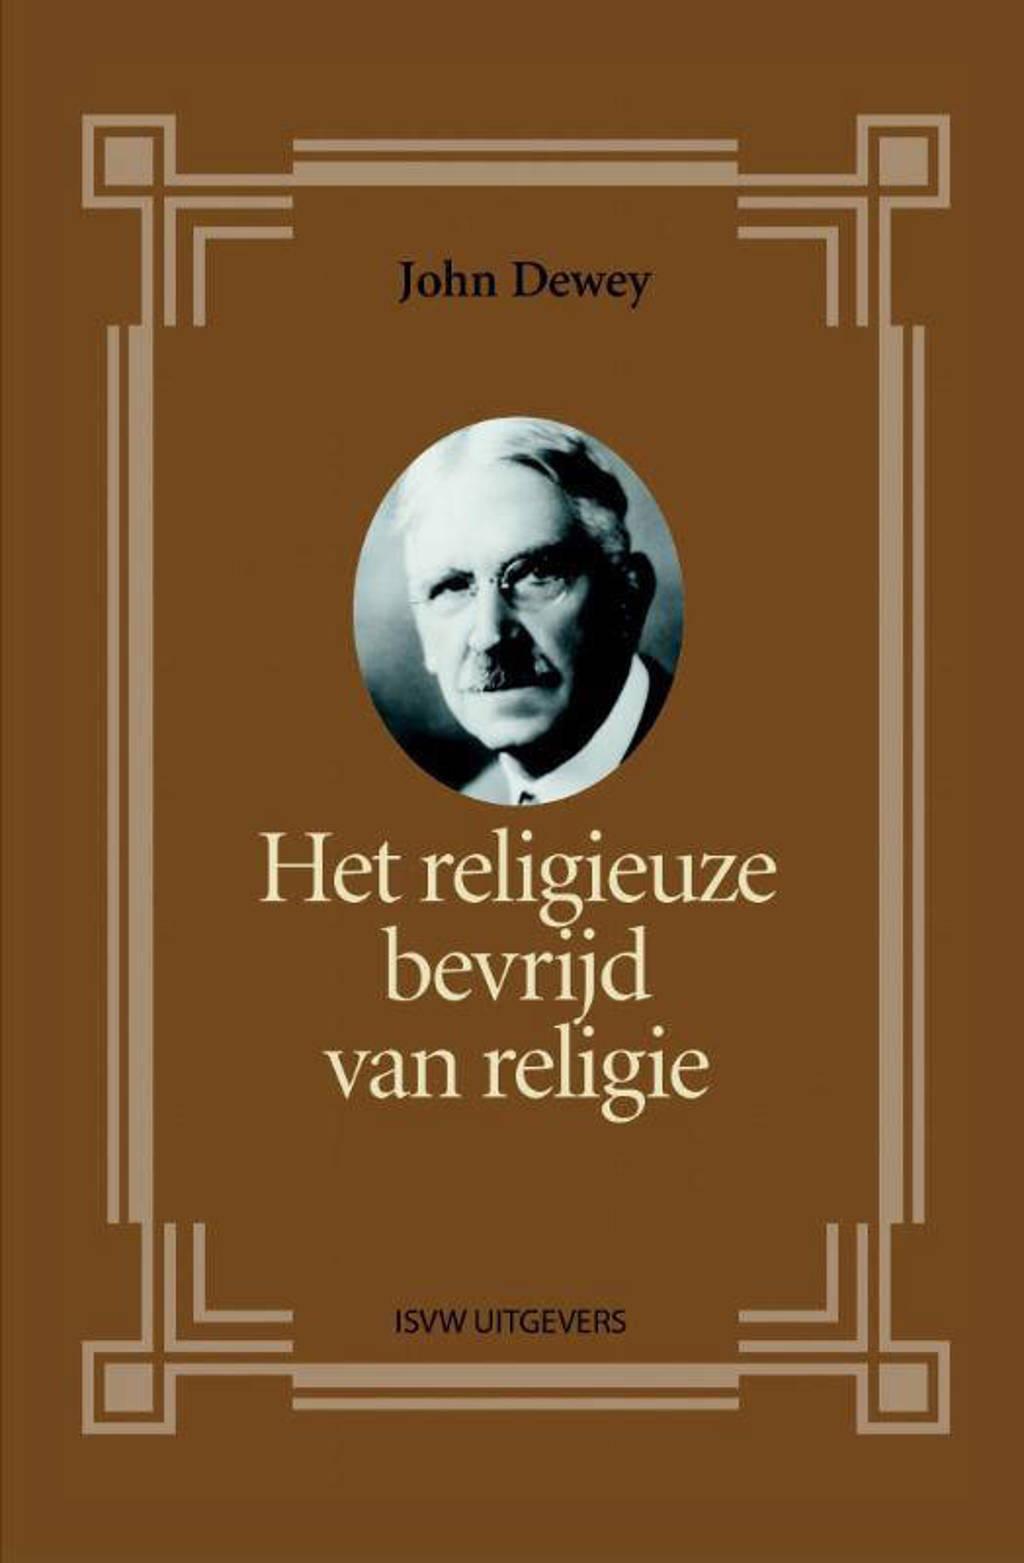 Het religieuze bevrijd van religie - John Dewey